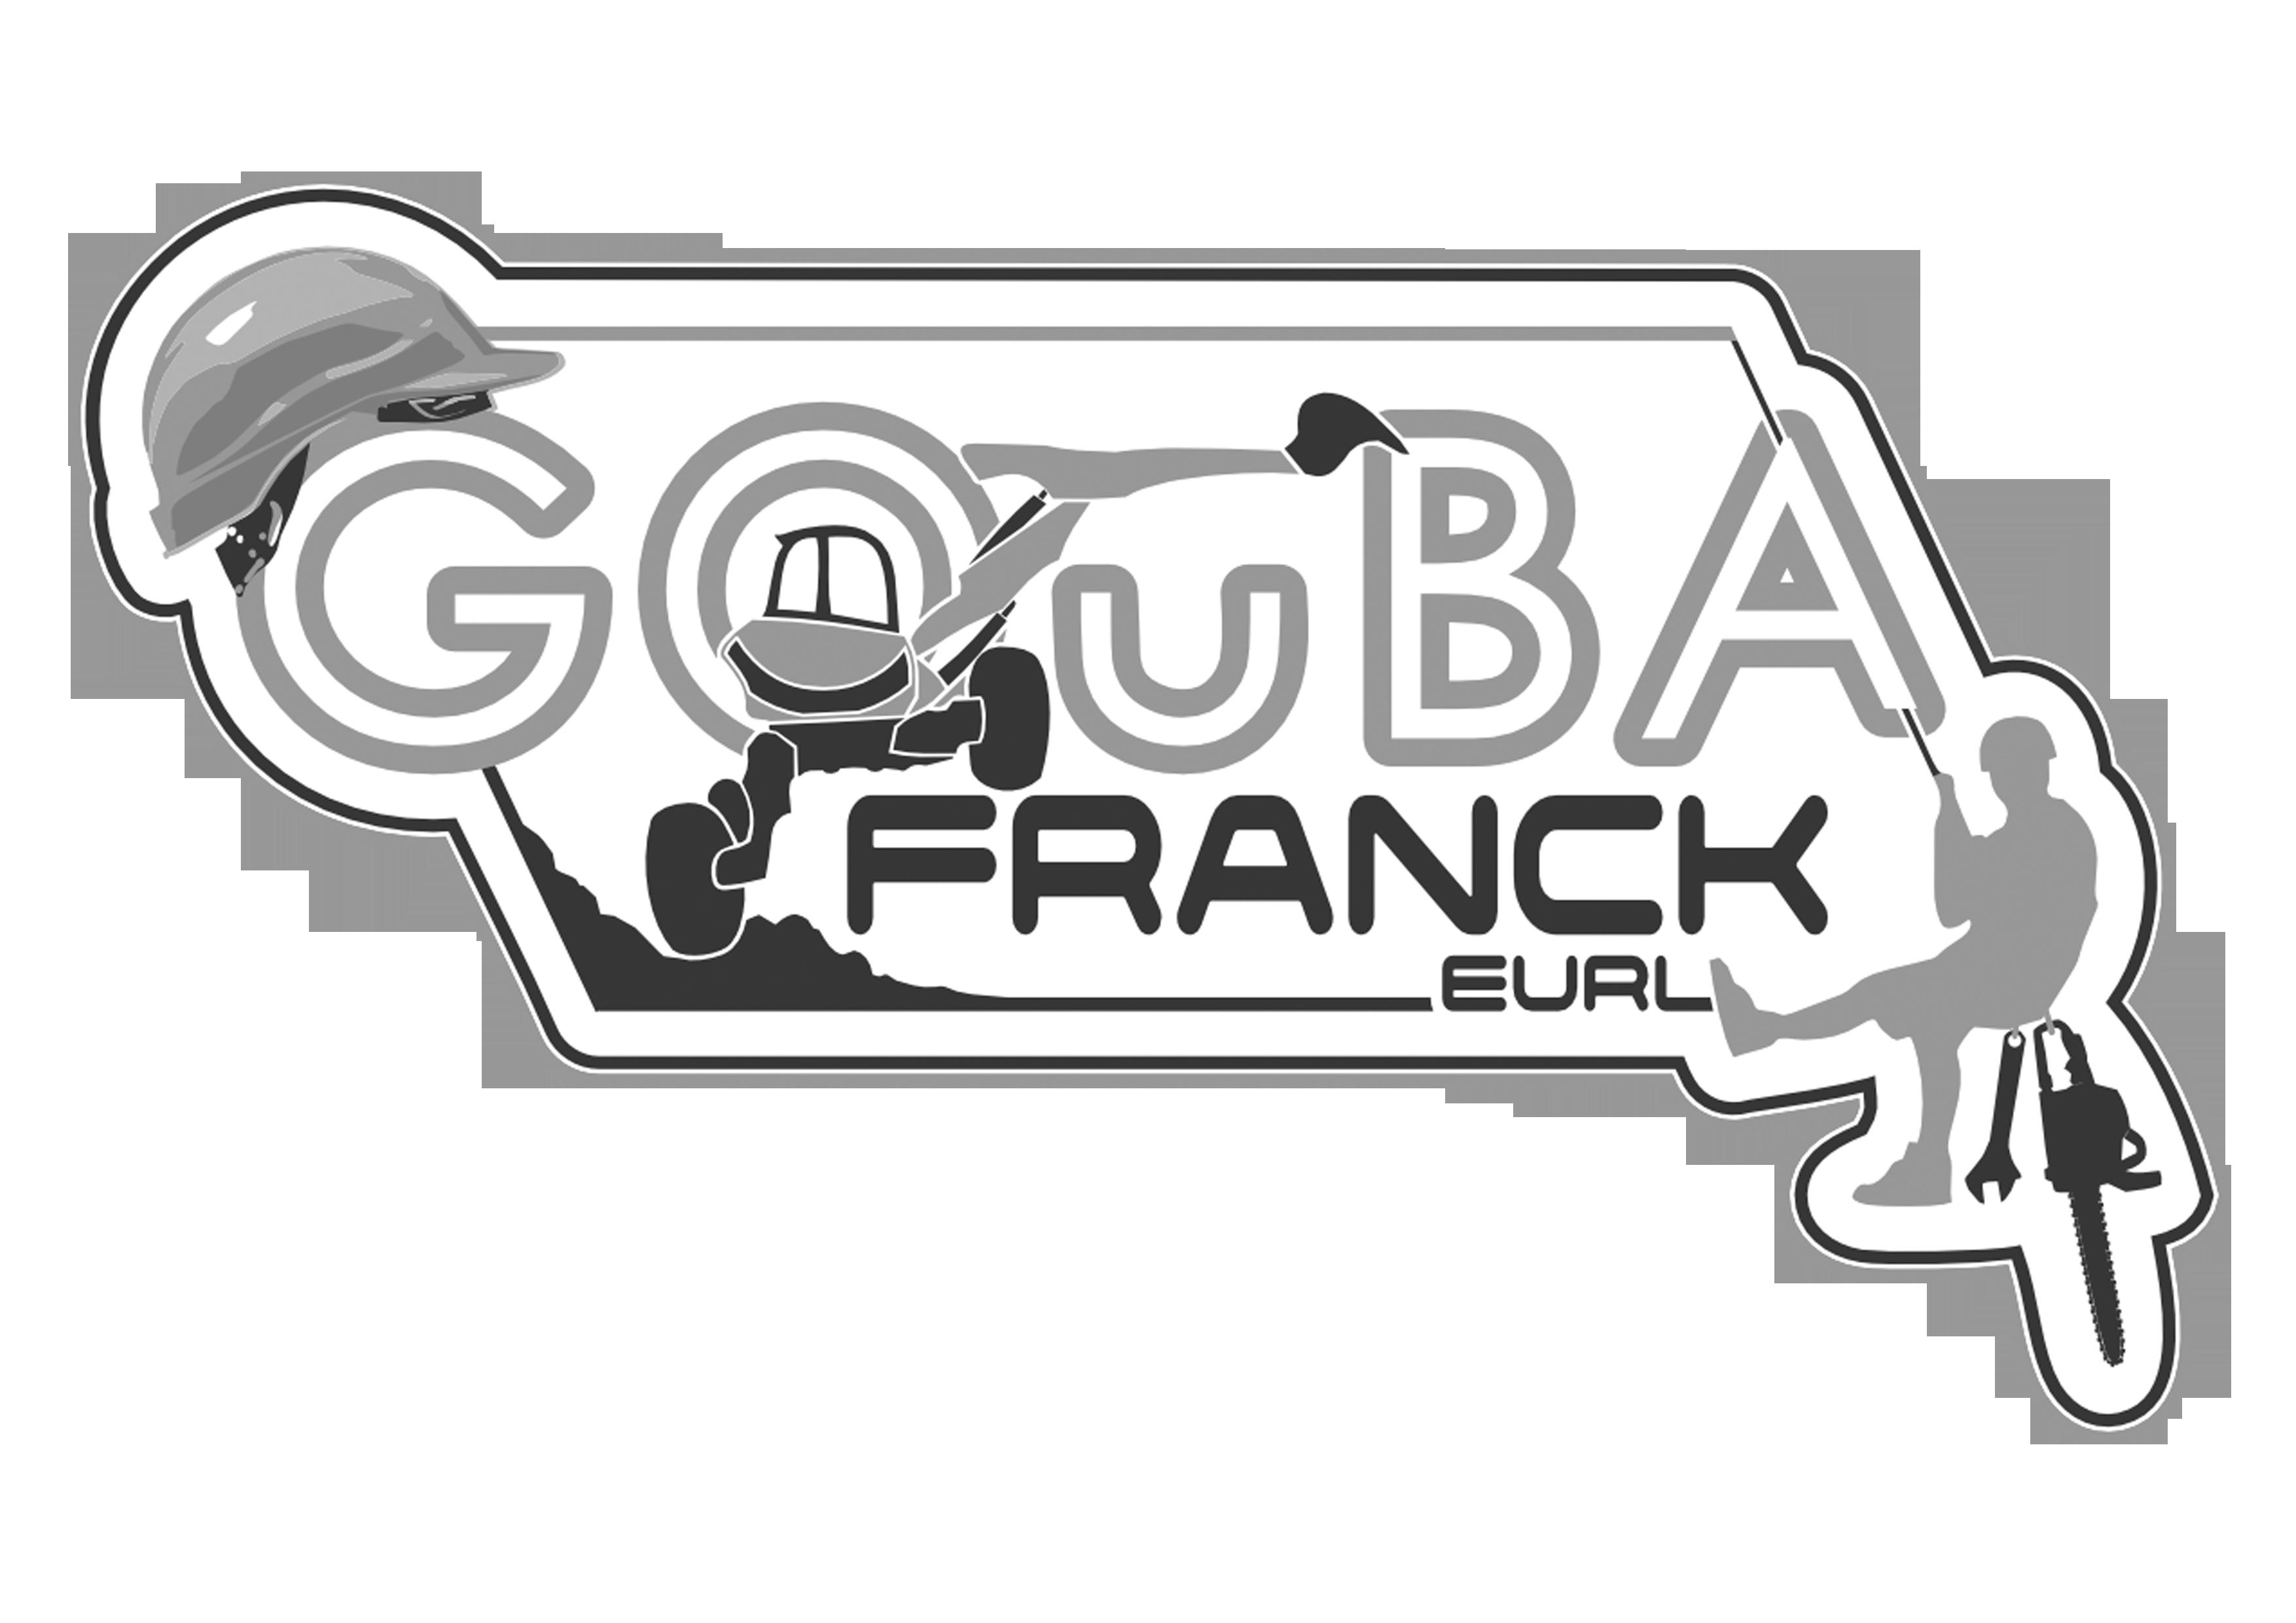 goubaeurl